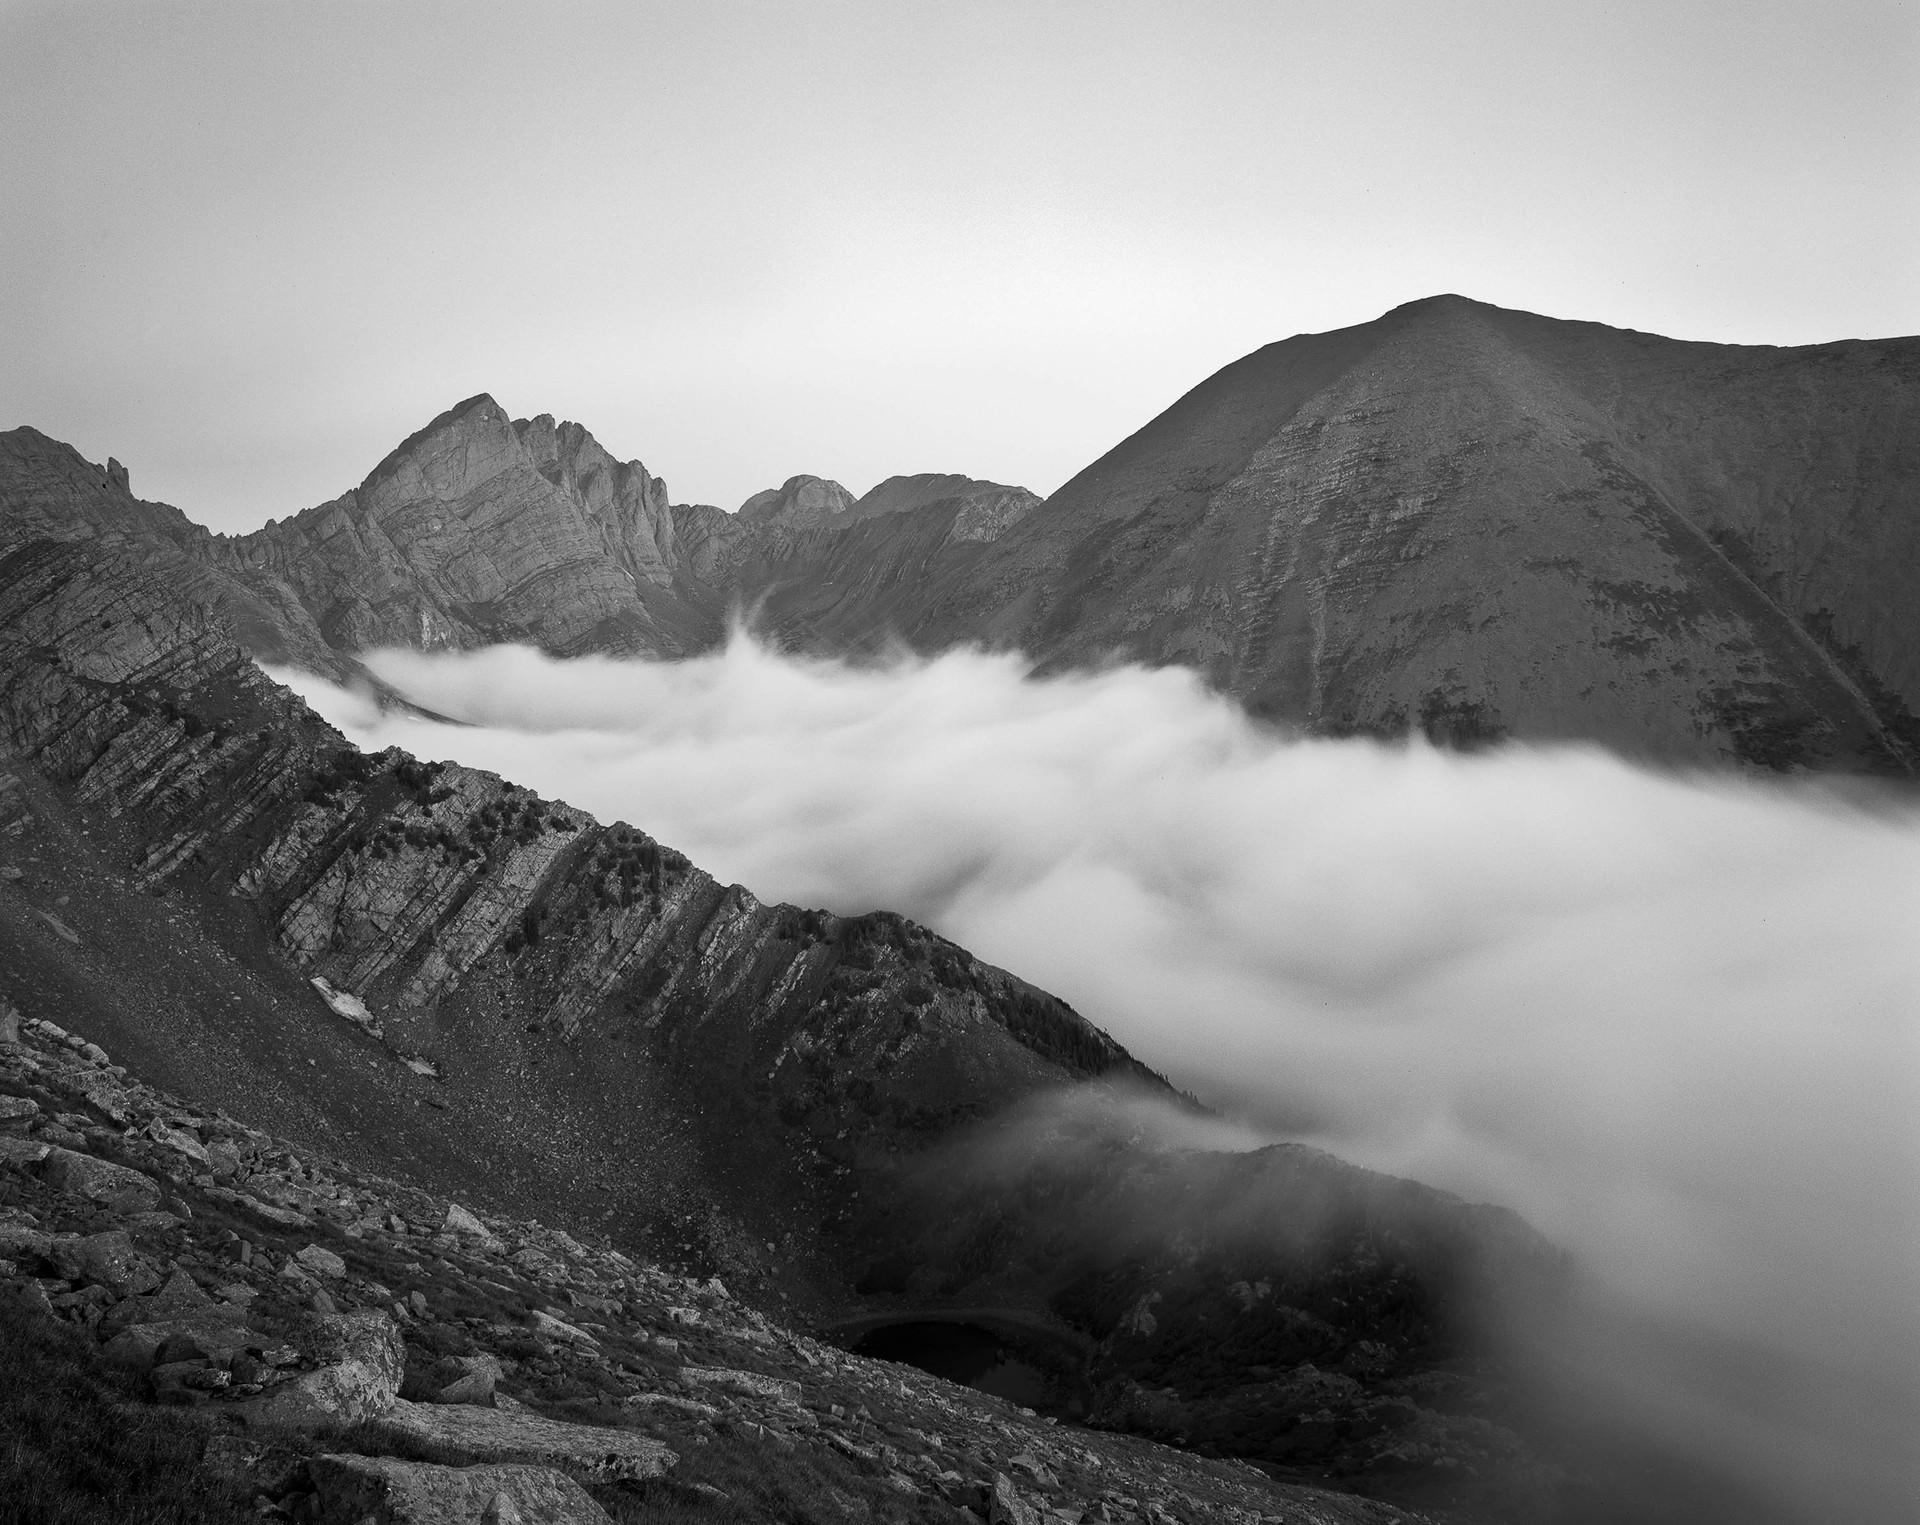 Humboldt Peak, the Needle and Kit C